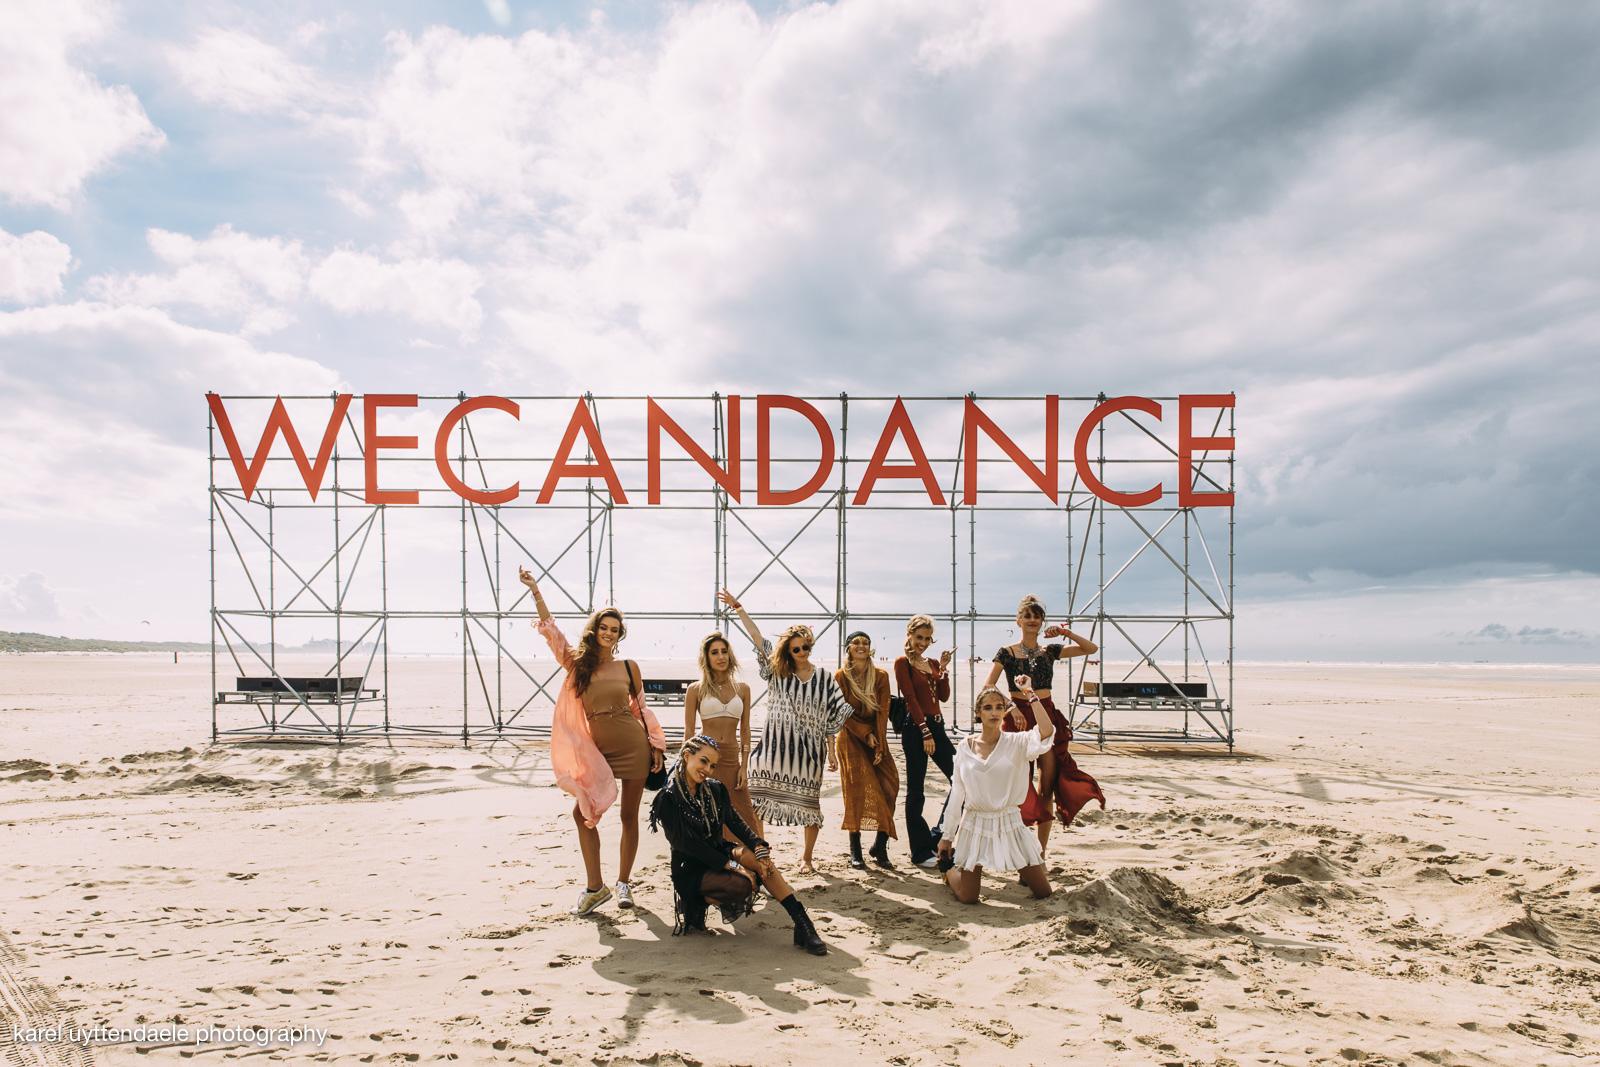 WECANDANCE '17 - Zeebrugge